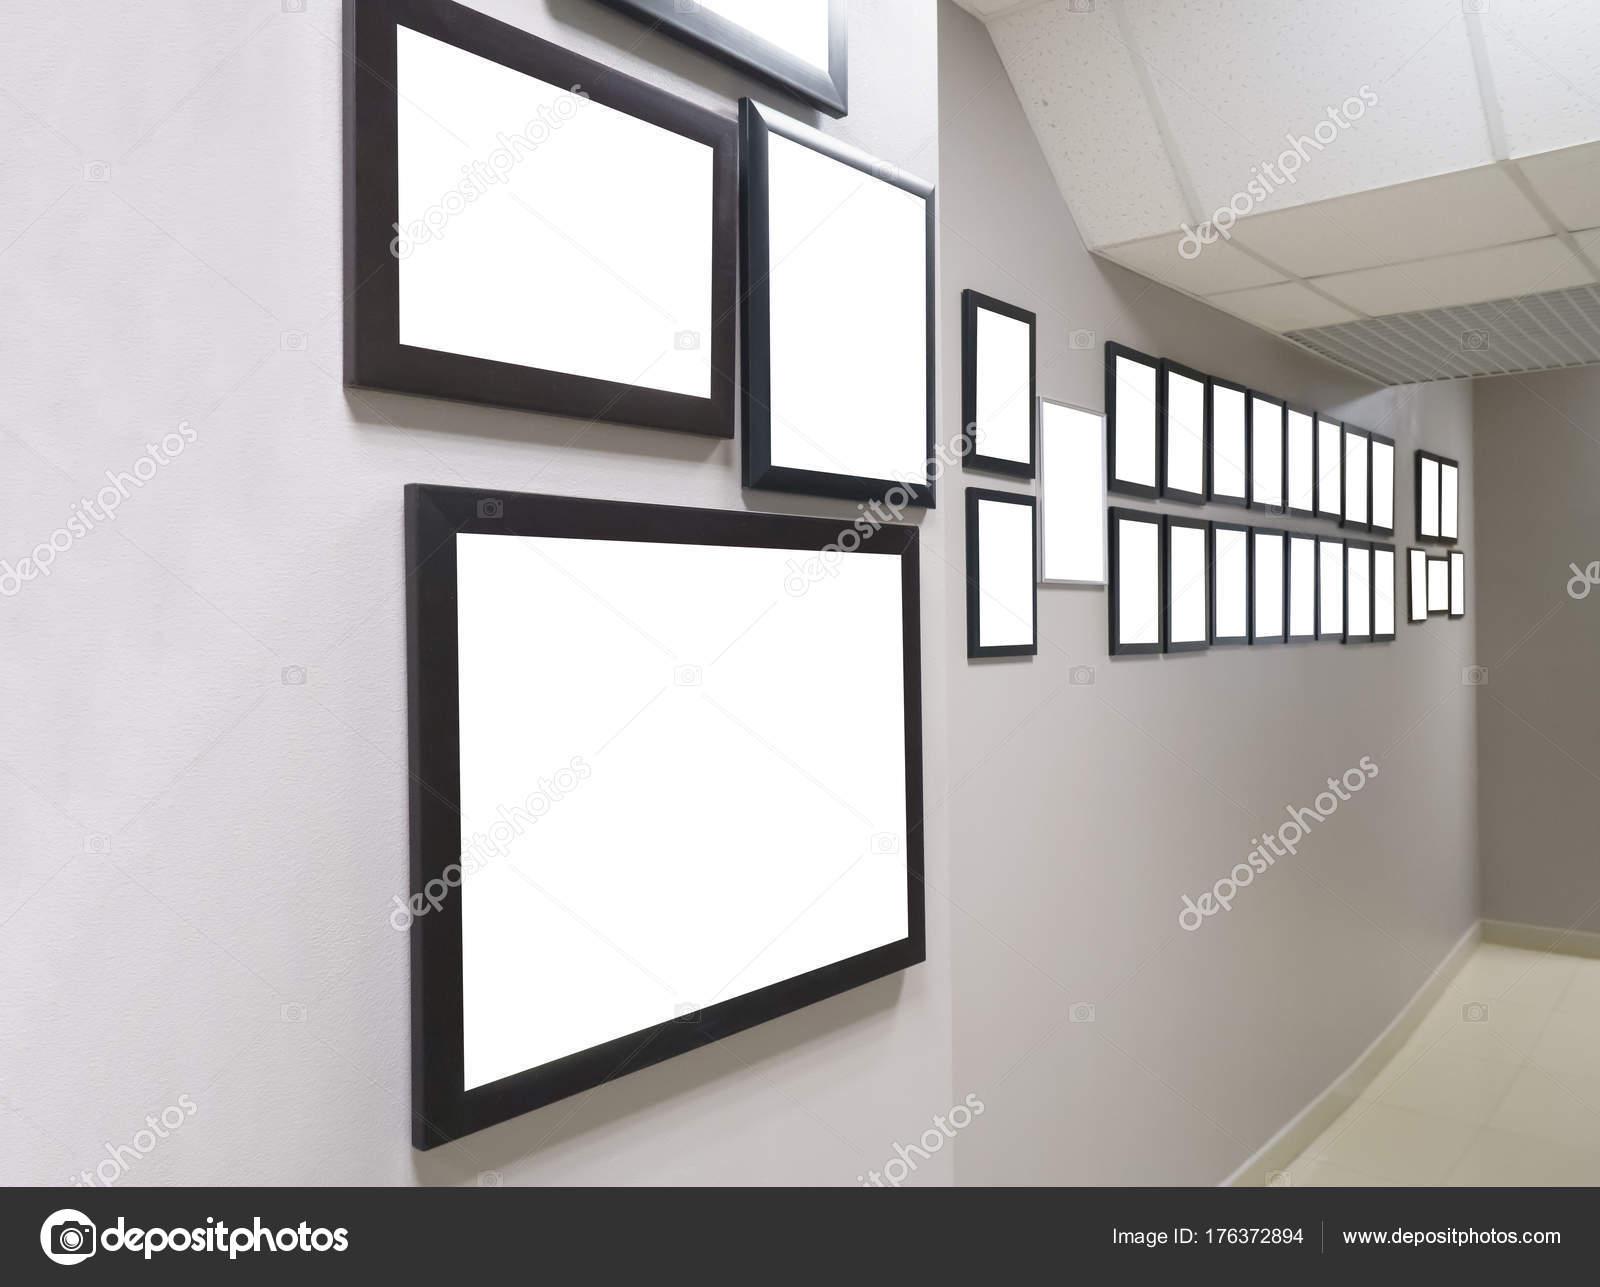 diplômes et récompenses dans le cadre de l'accrochent sur le mur